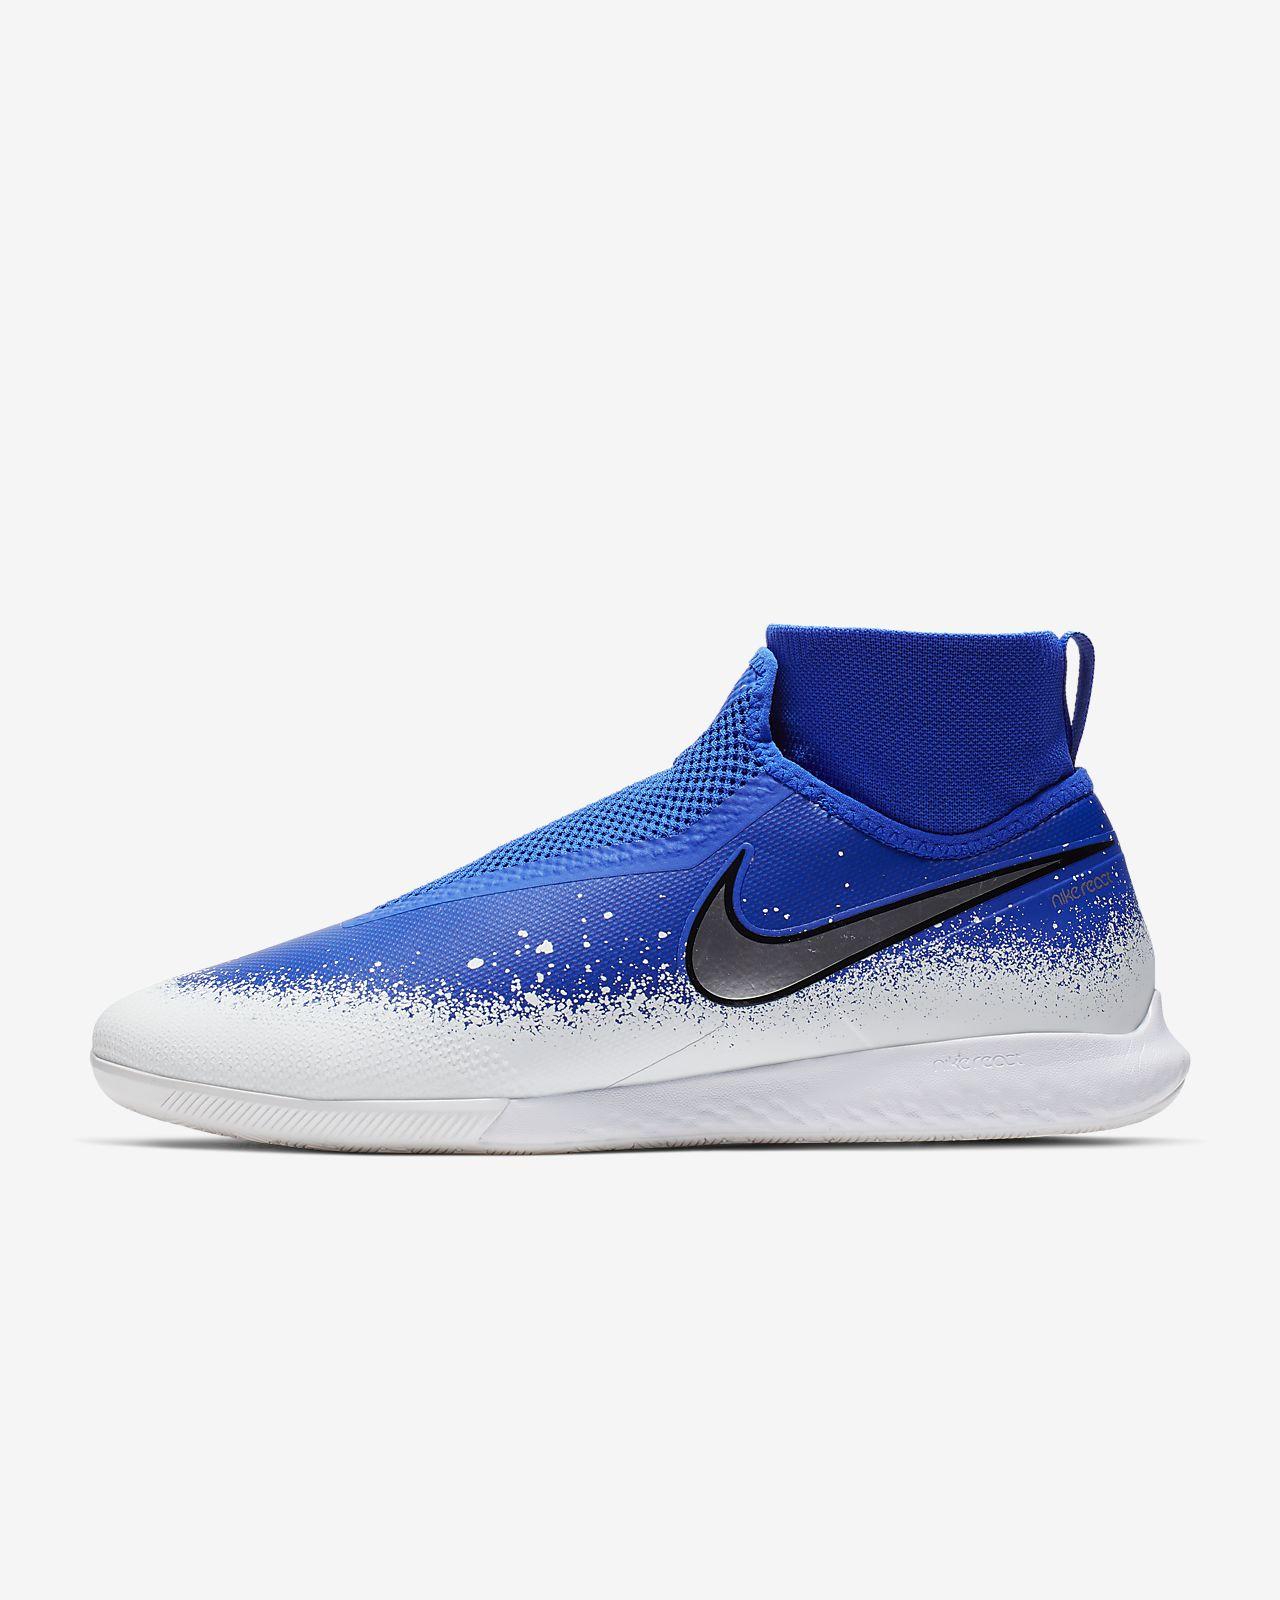 Ποδοσφαιρικό παπούτσι για κλειστά γήπεδα Nike React Phantom Vision Pro Dynamic Fit IC